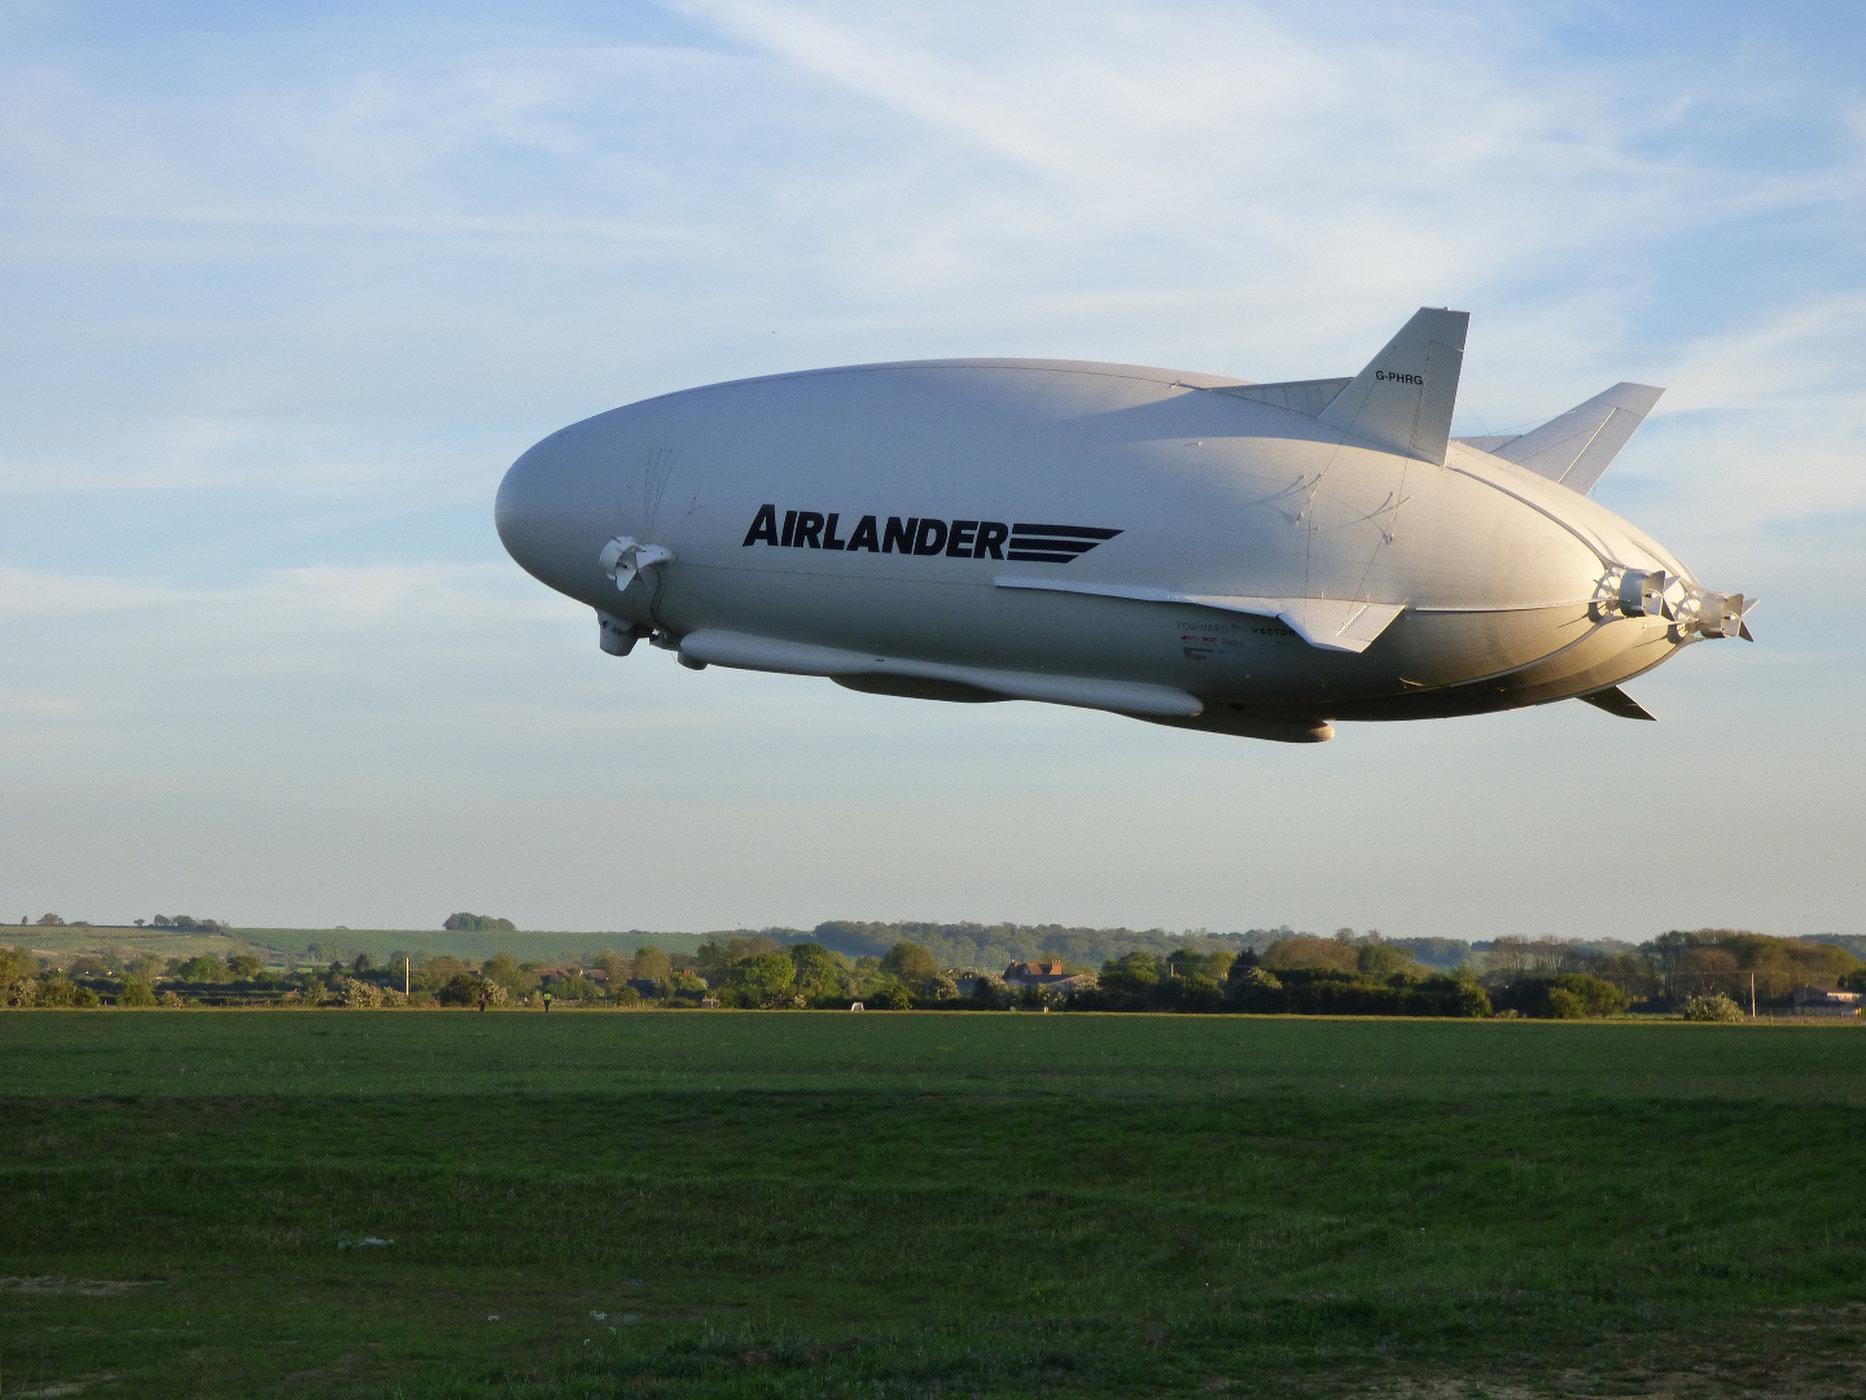 Arilander blimp, the worlds largest blimp!